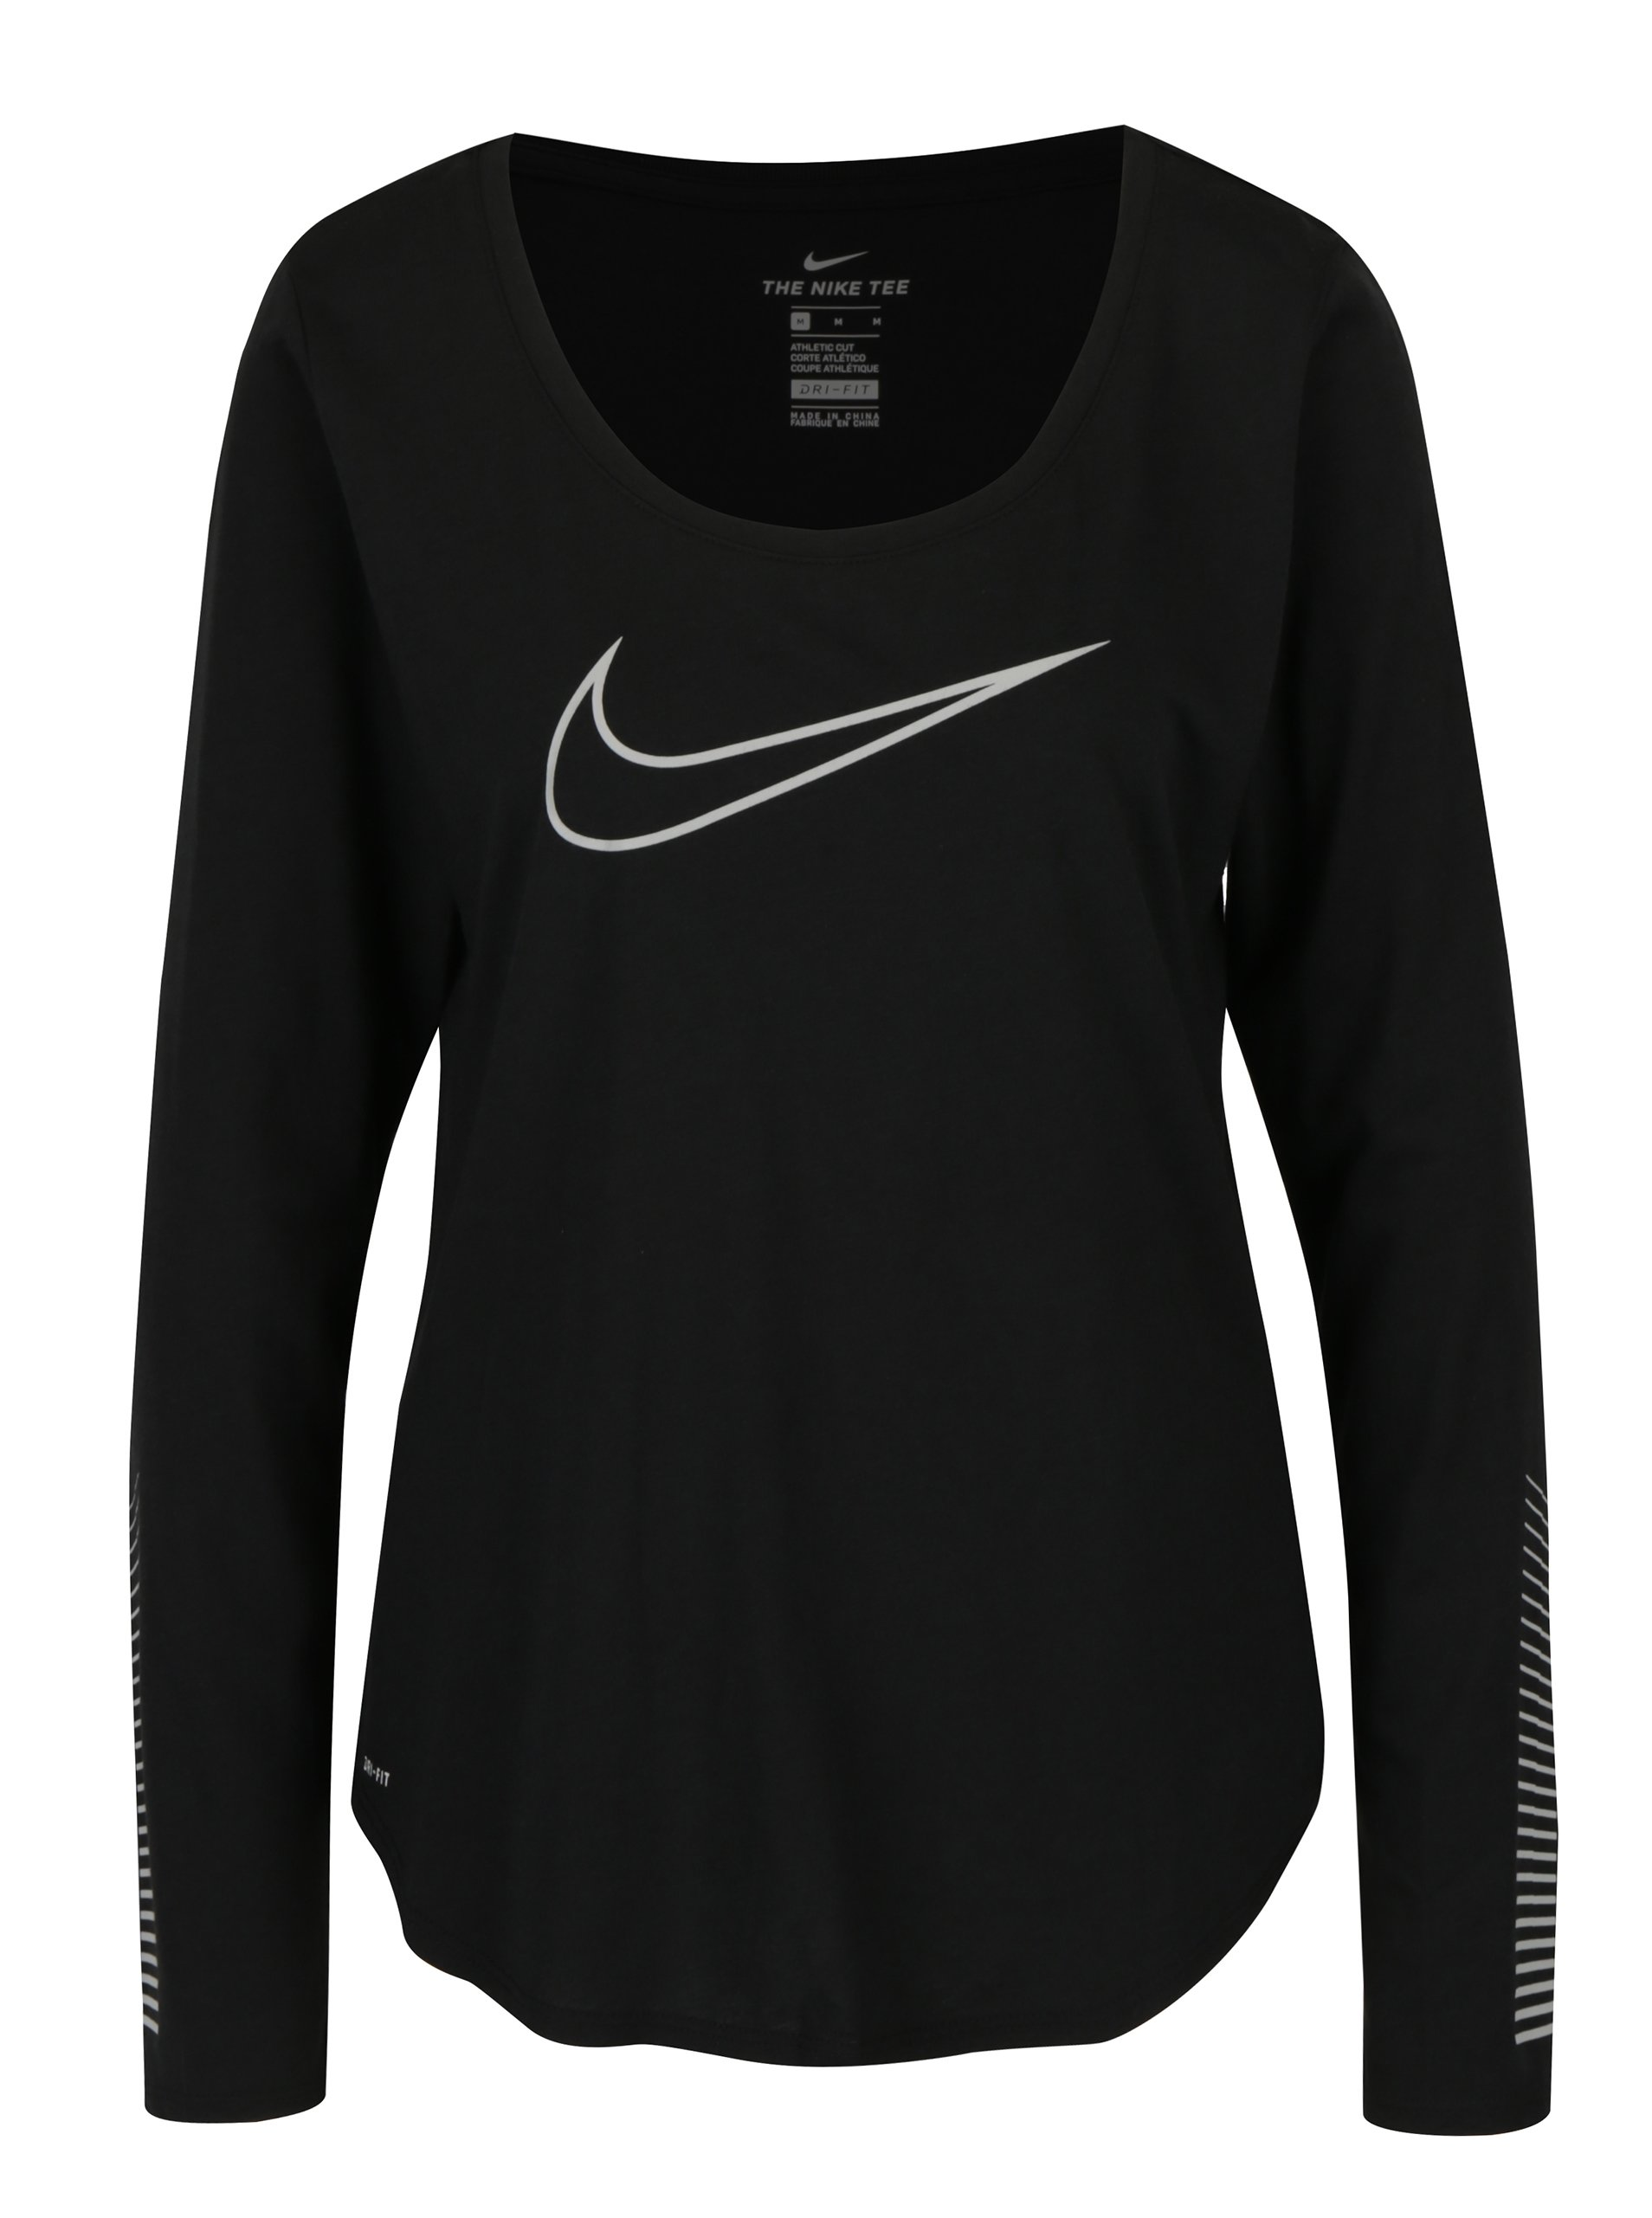 Černé dámské funkřní tričko s dlouhým rukávem Nike